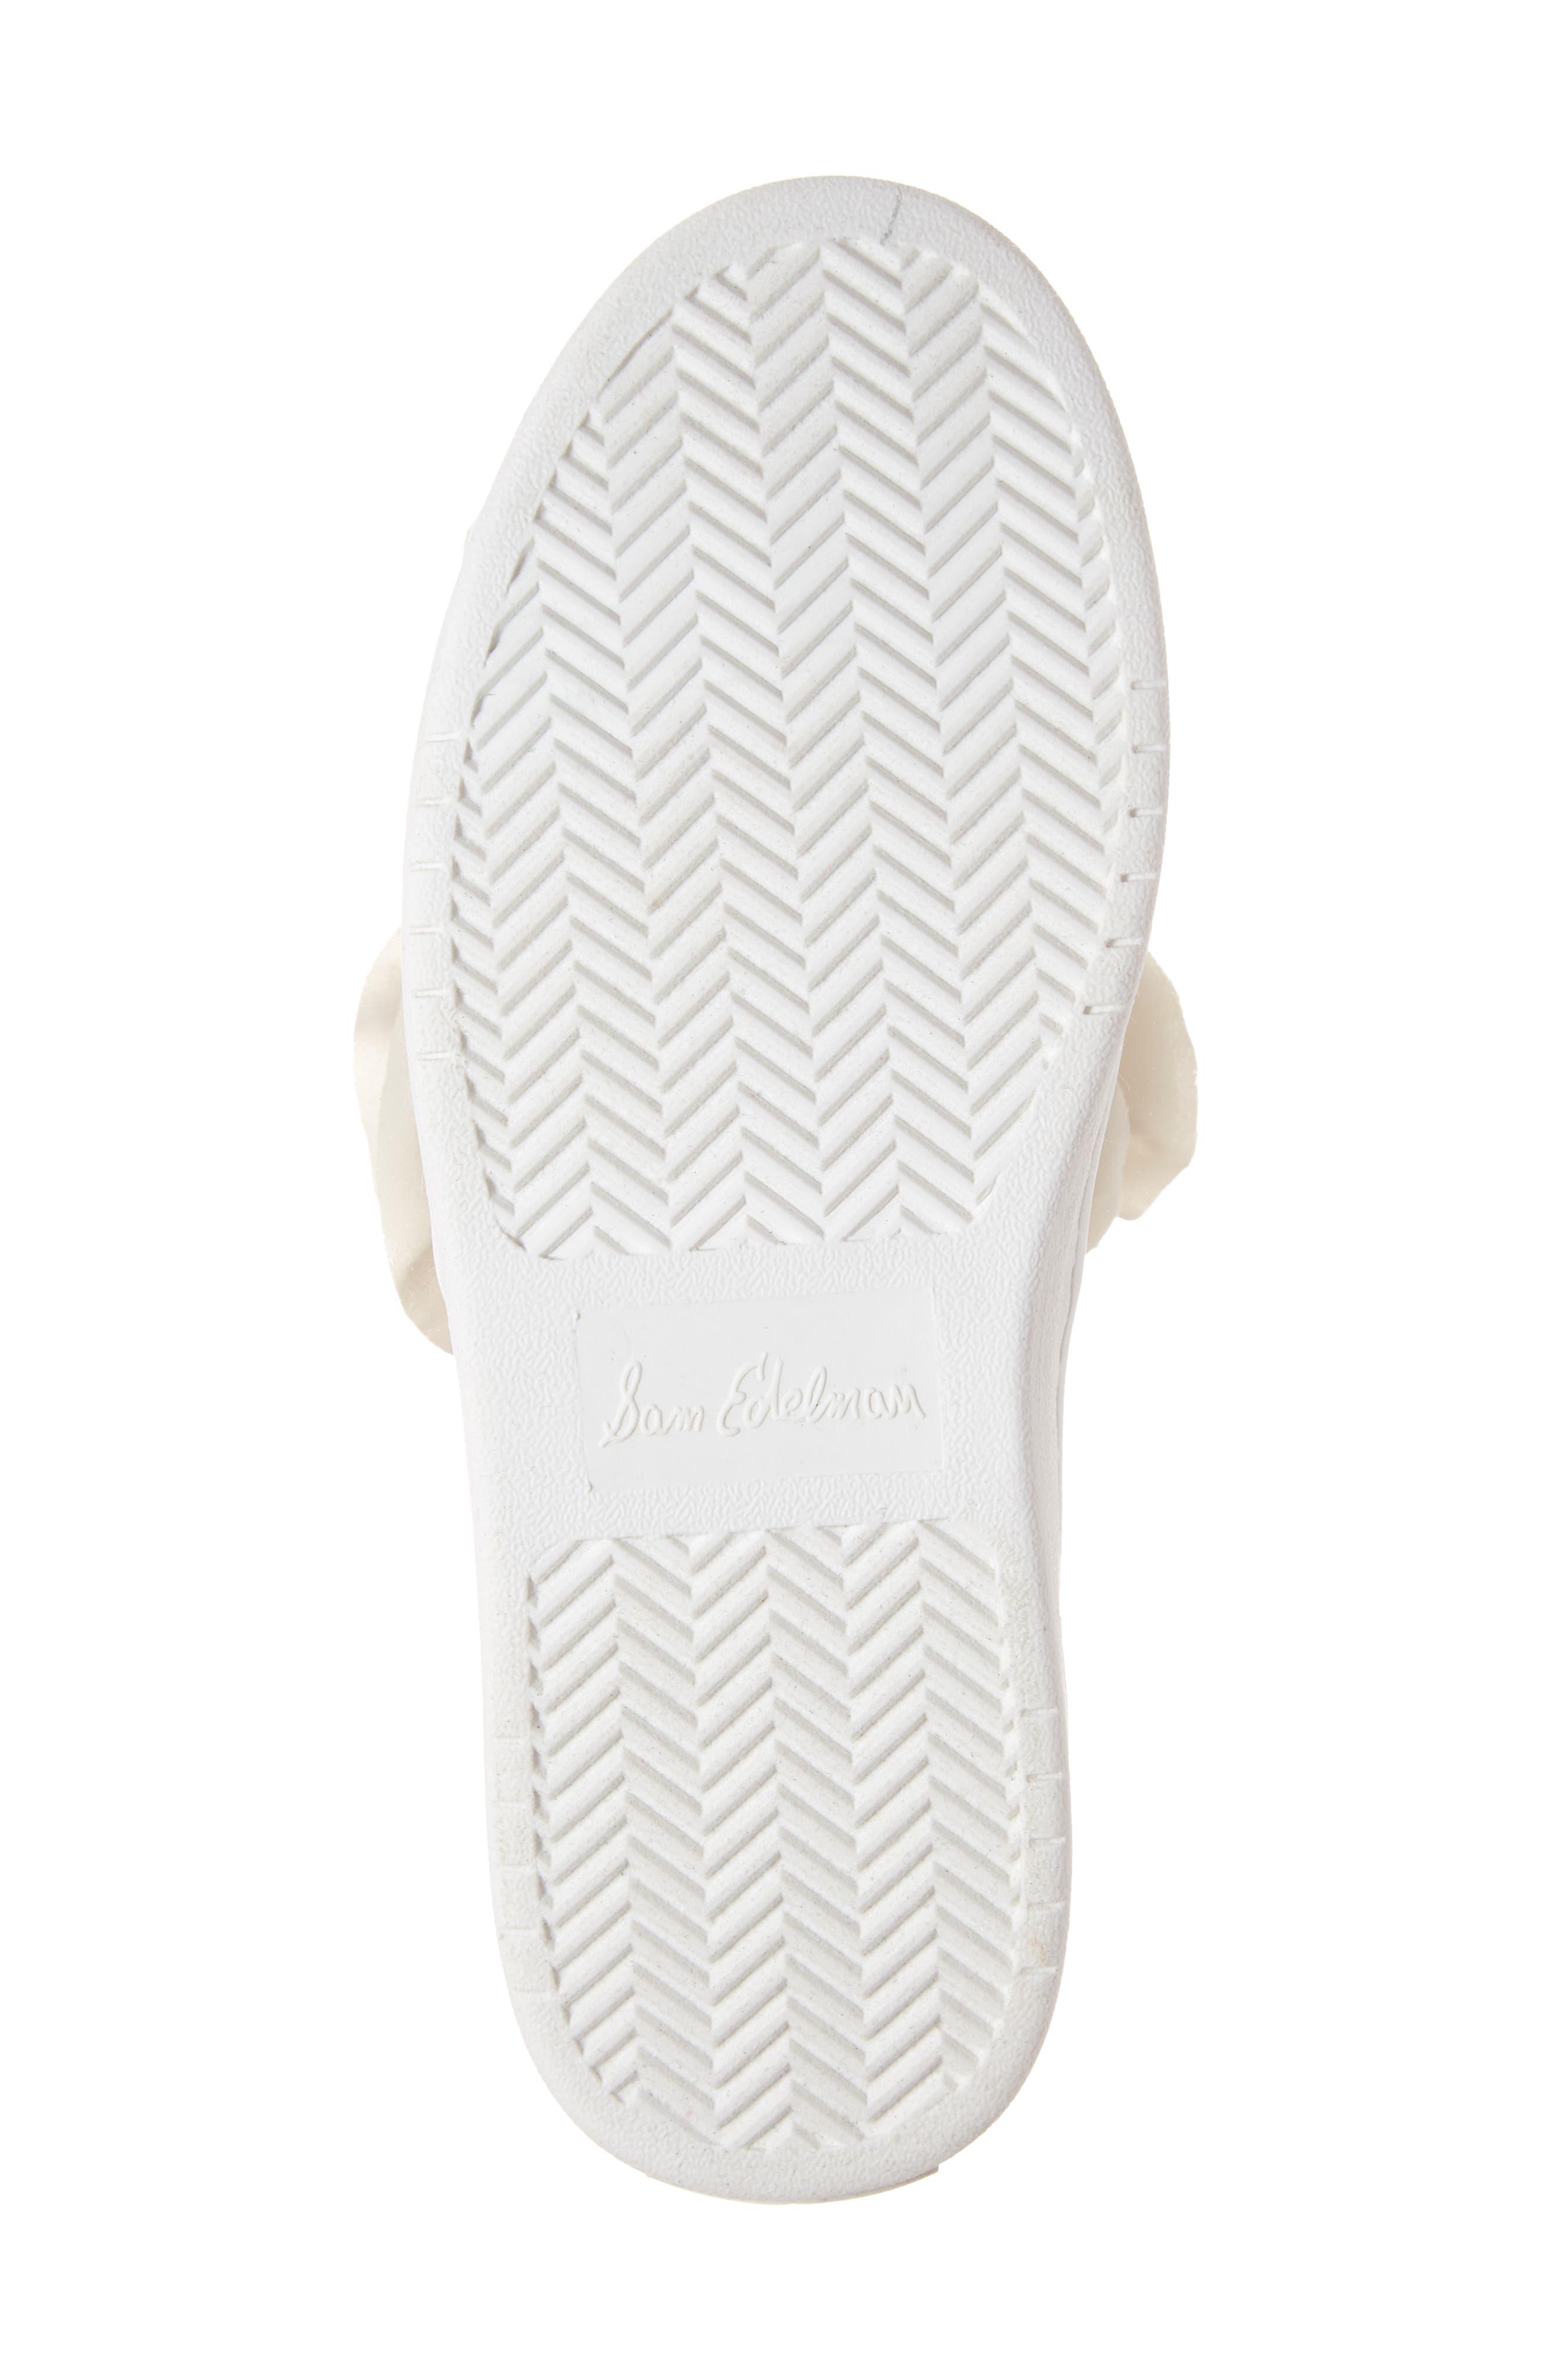 Blane Unicorn Slip-On Sneaker,                             Alternate thumbnail 6, color,                             WHITE SHIMMER